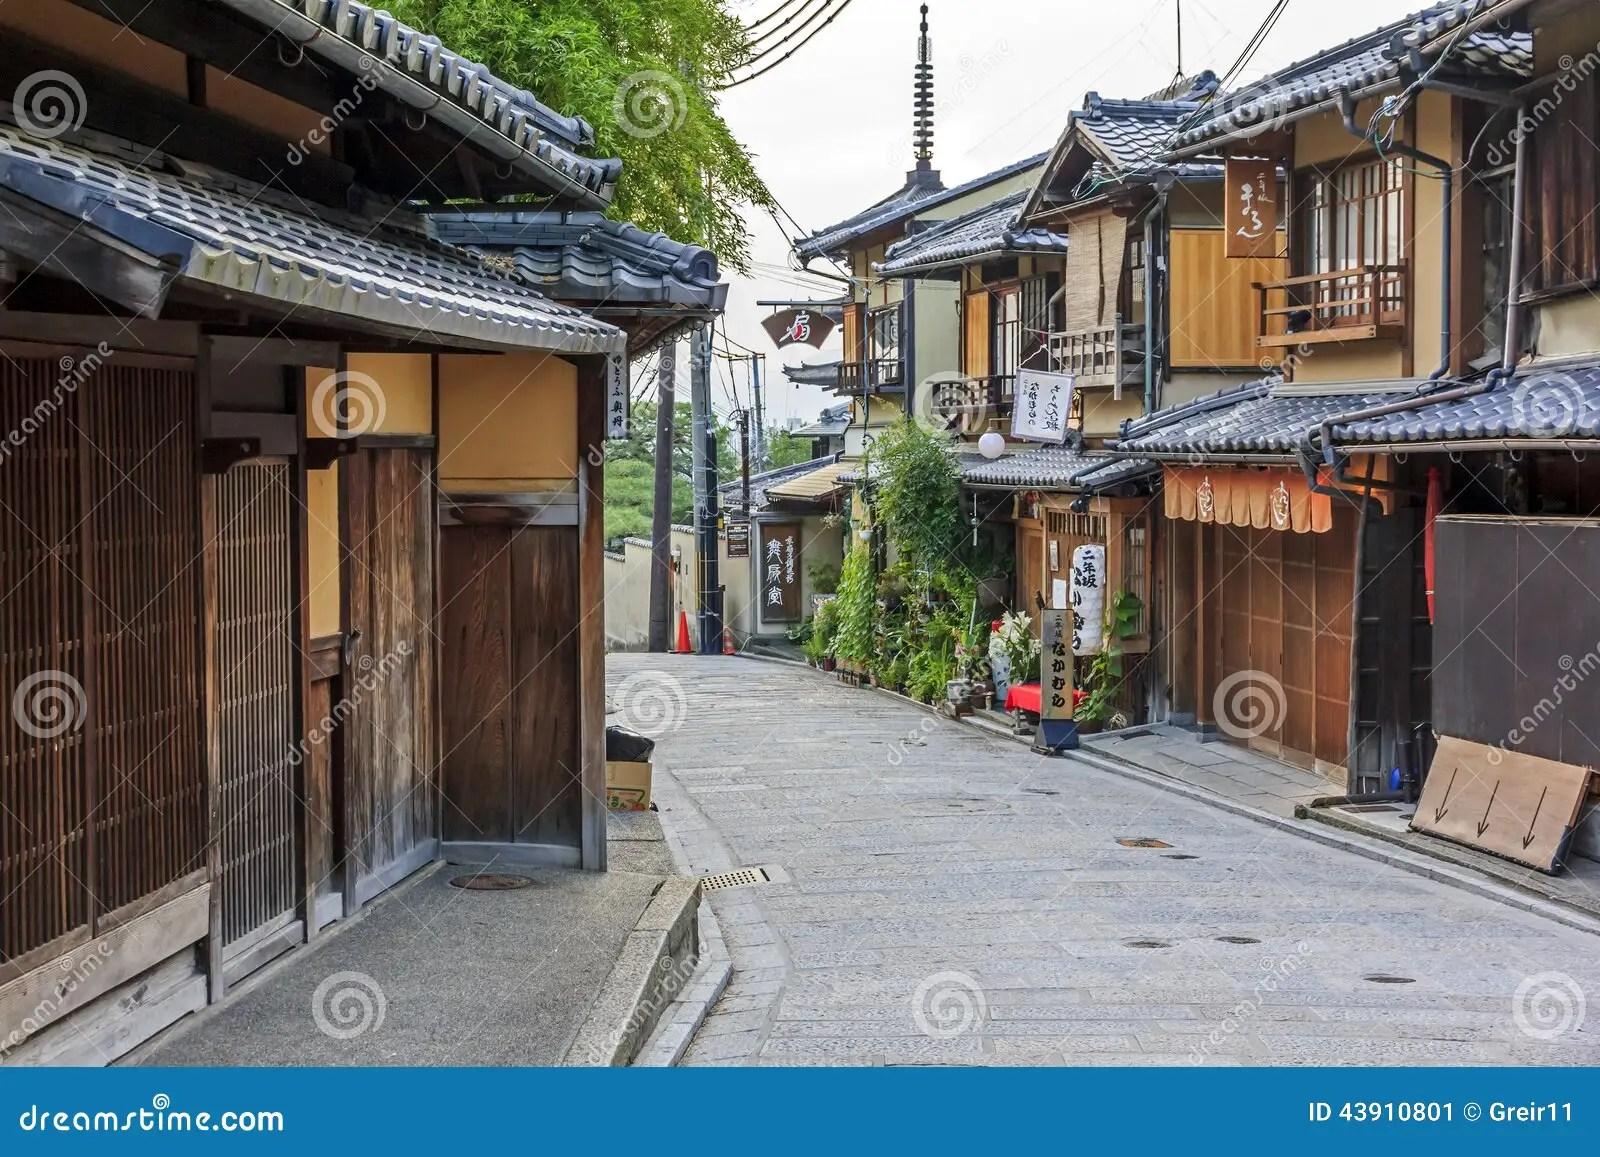 Schöne Alte Häuser In Ninen-zakastraße, Kyoto, Japan Redaktionelles